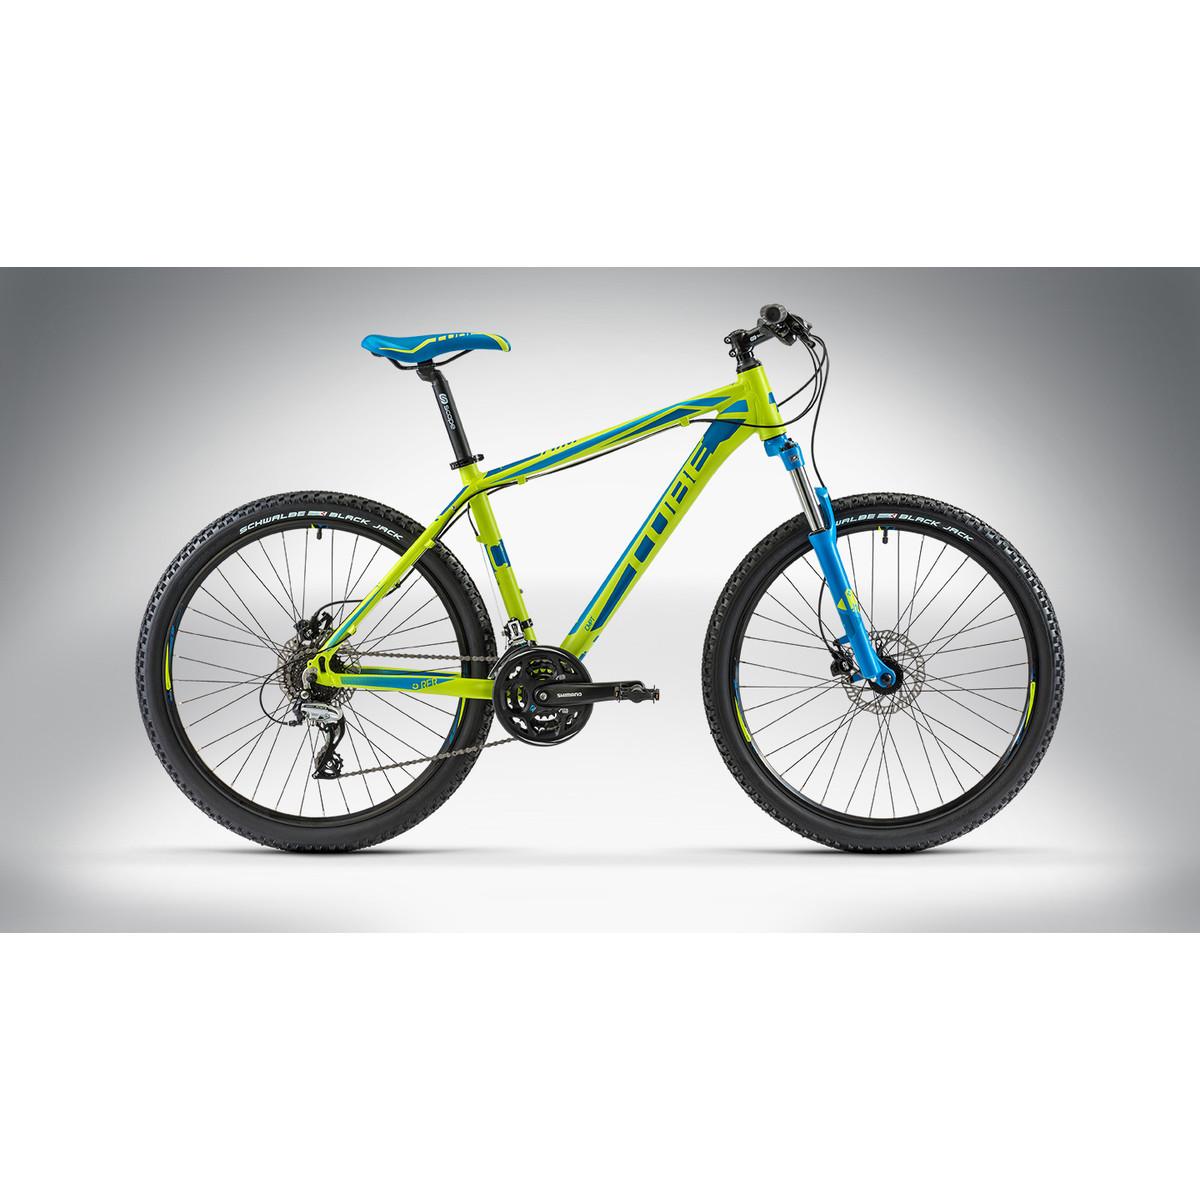 bicicleta-cube-aim-disc-26-verde-albastru-5963